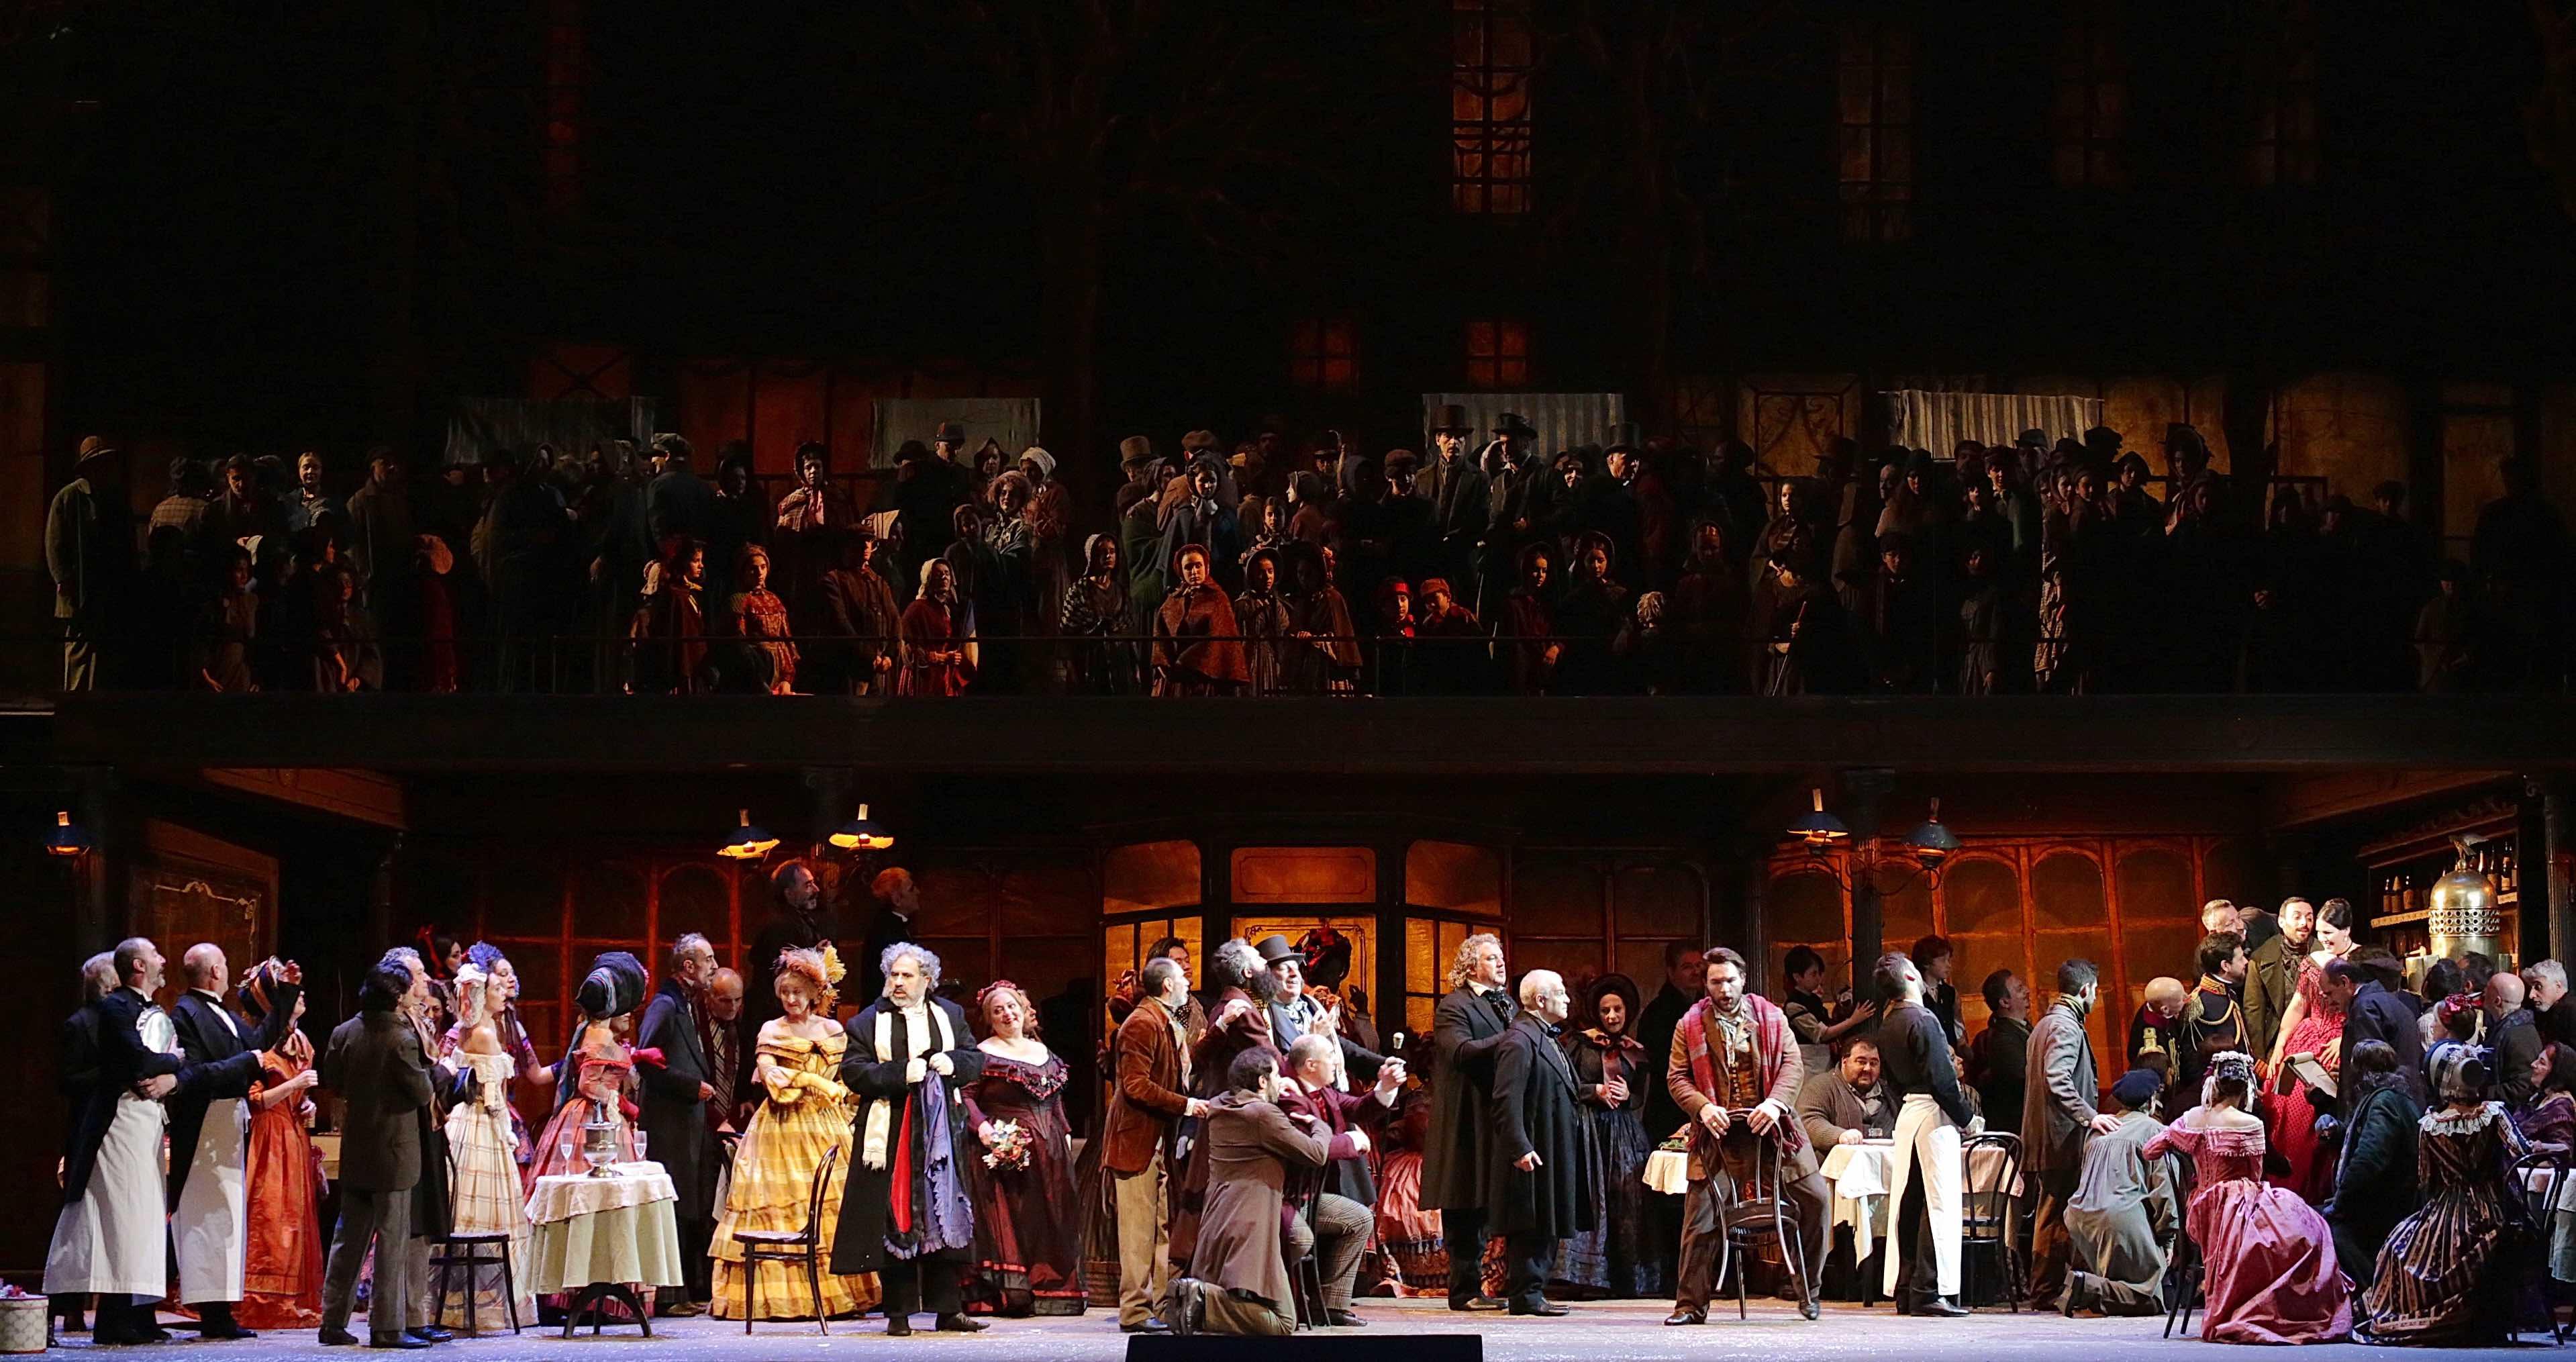 Teatro alla Scala, La Bohème, Franco Zeffirelli, Giacomo Puccini, Milano, Opera, Federica Lombardi, Sonja Yoncheva